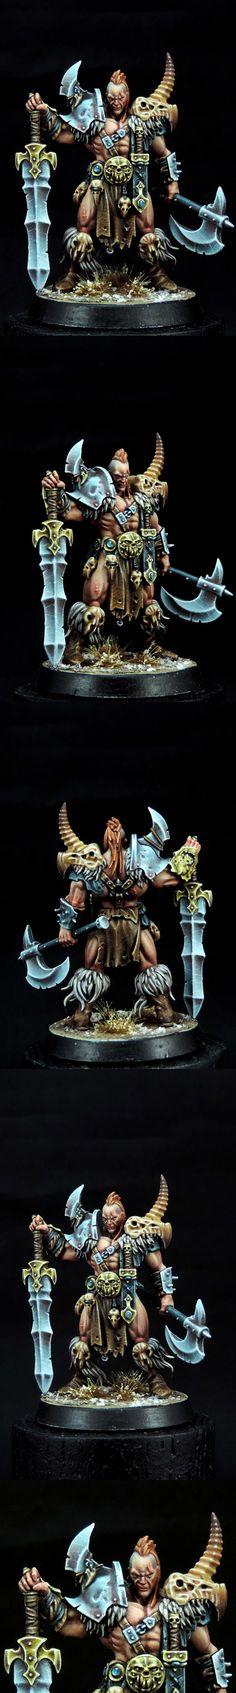 Warhammer Age of Sigmar Crystal Tower | Barbarian #warhammer #ageofsigmar #aos…